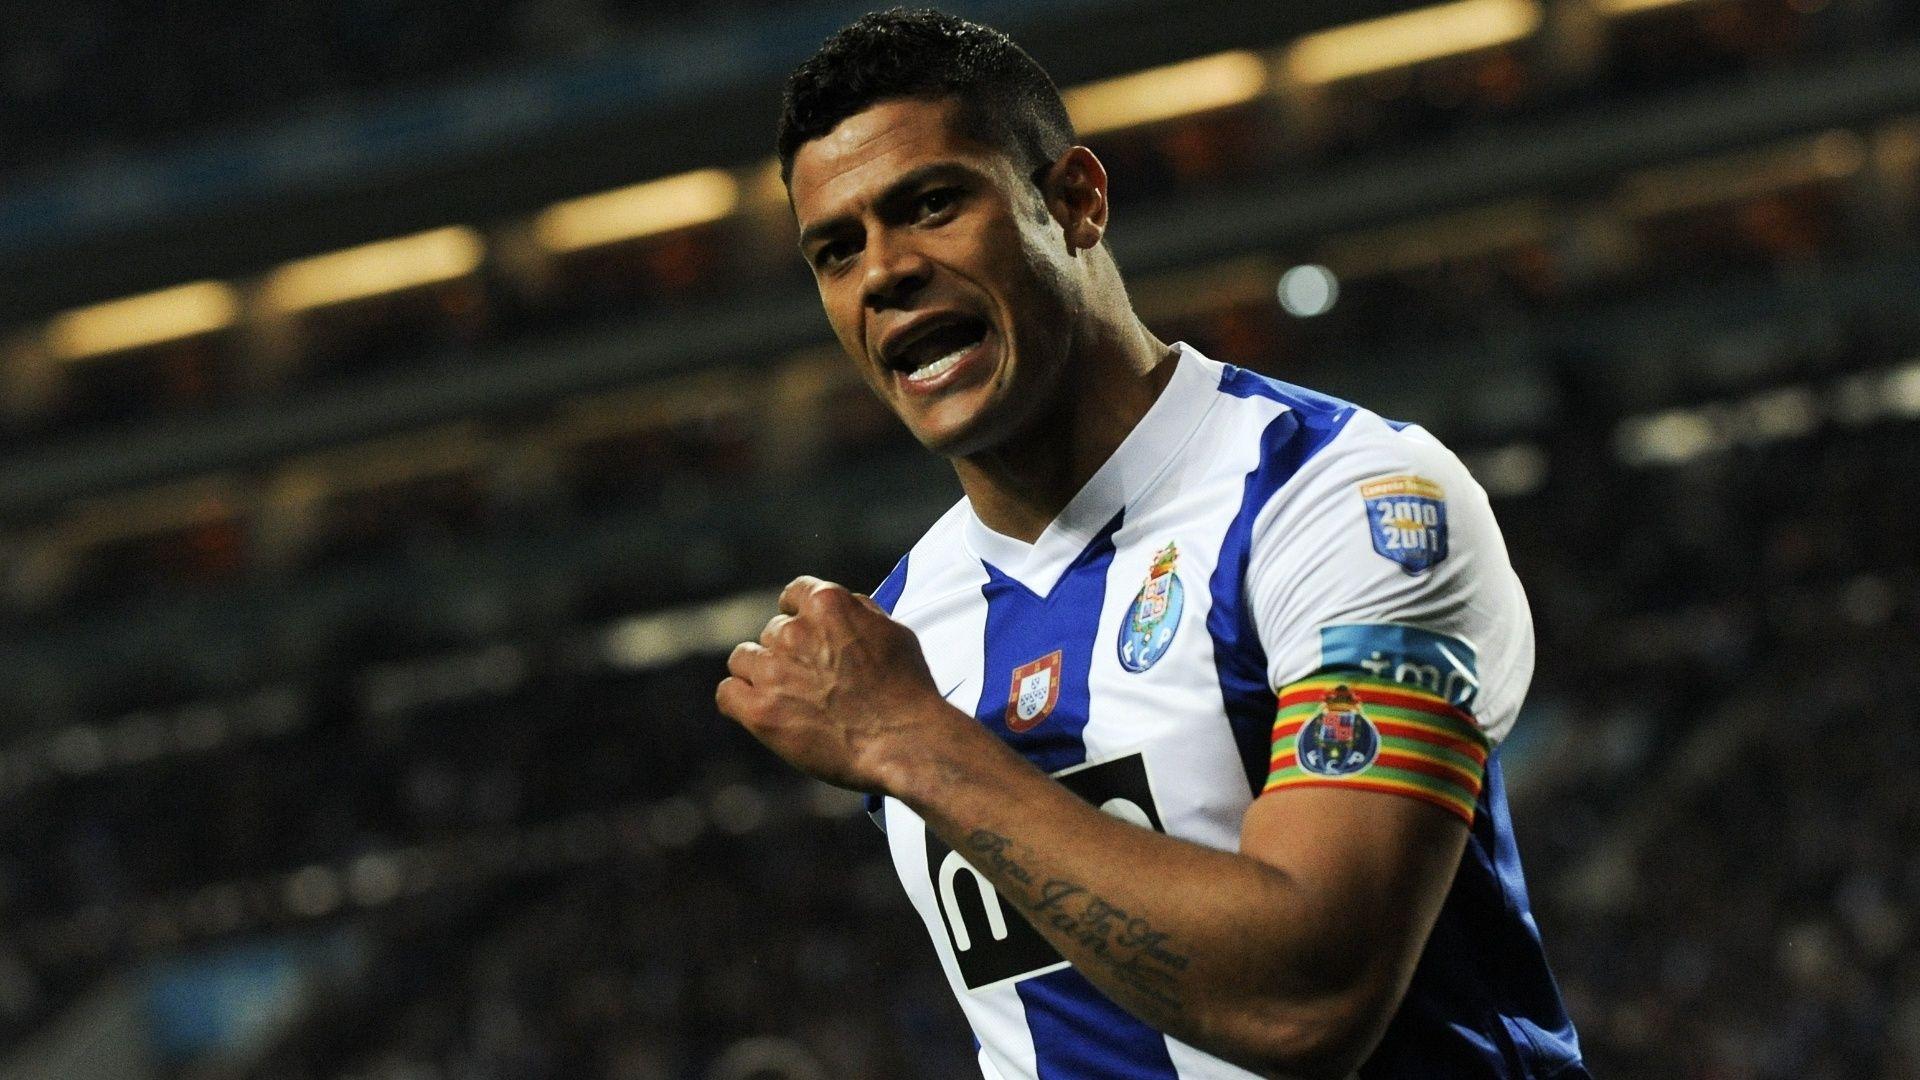 Hulk, seleção brasileira, Brasil, Brazil, futebol, soccer, comemoração, jogador